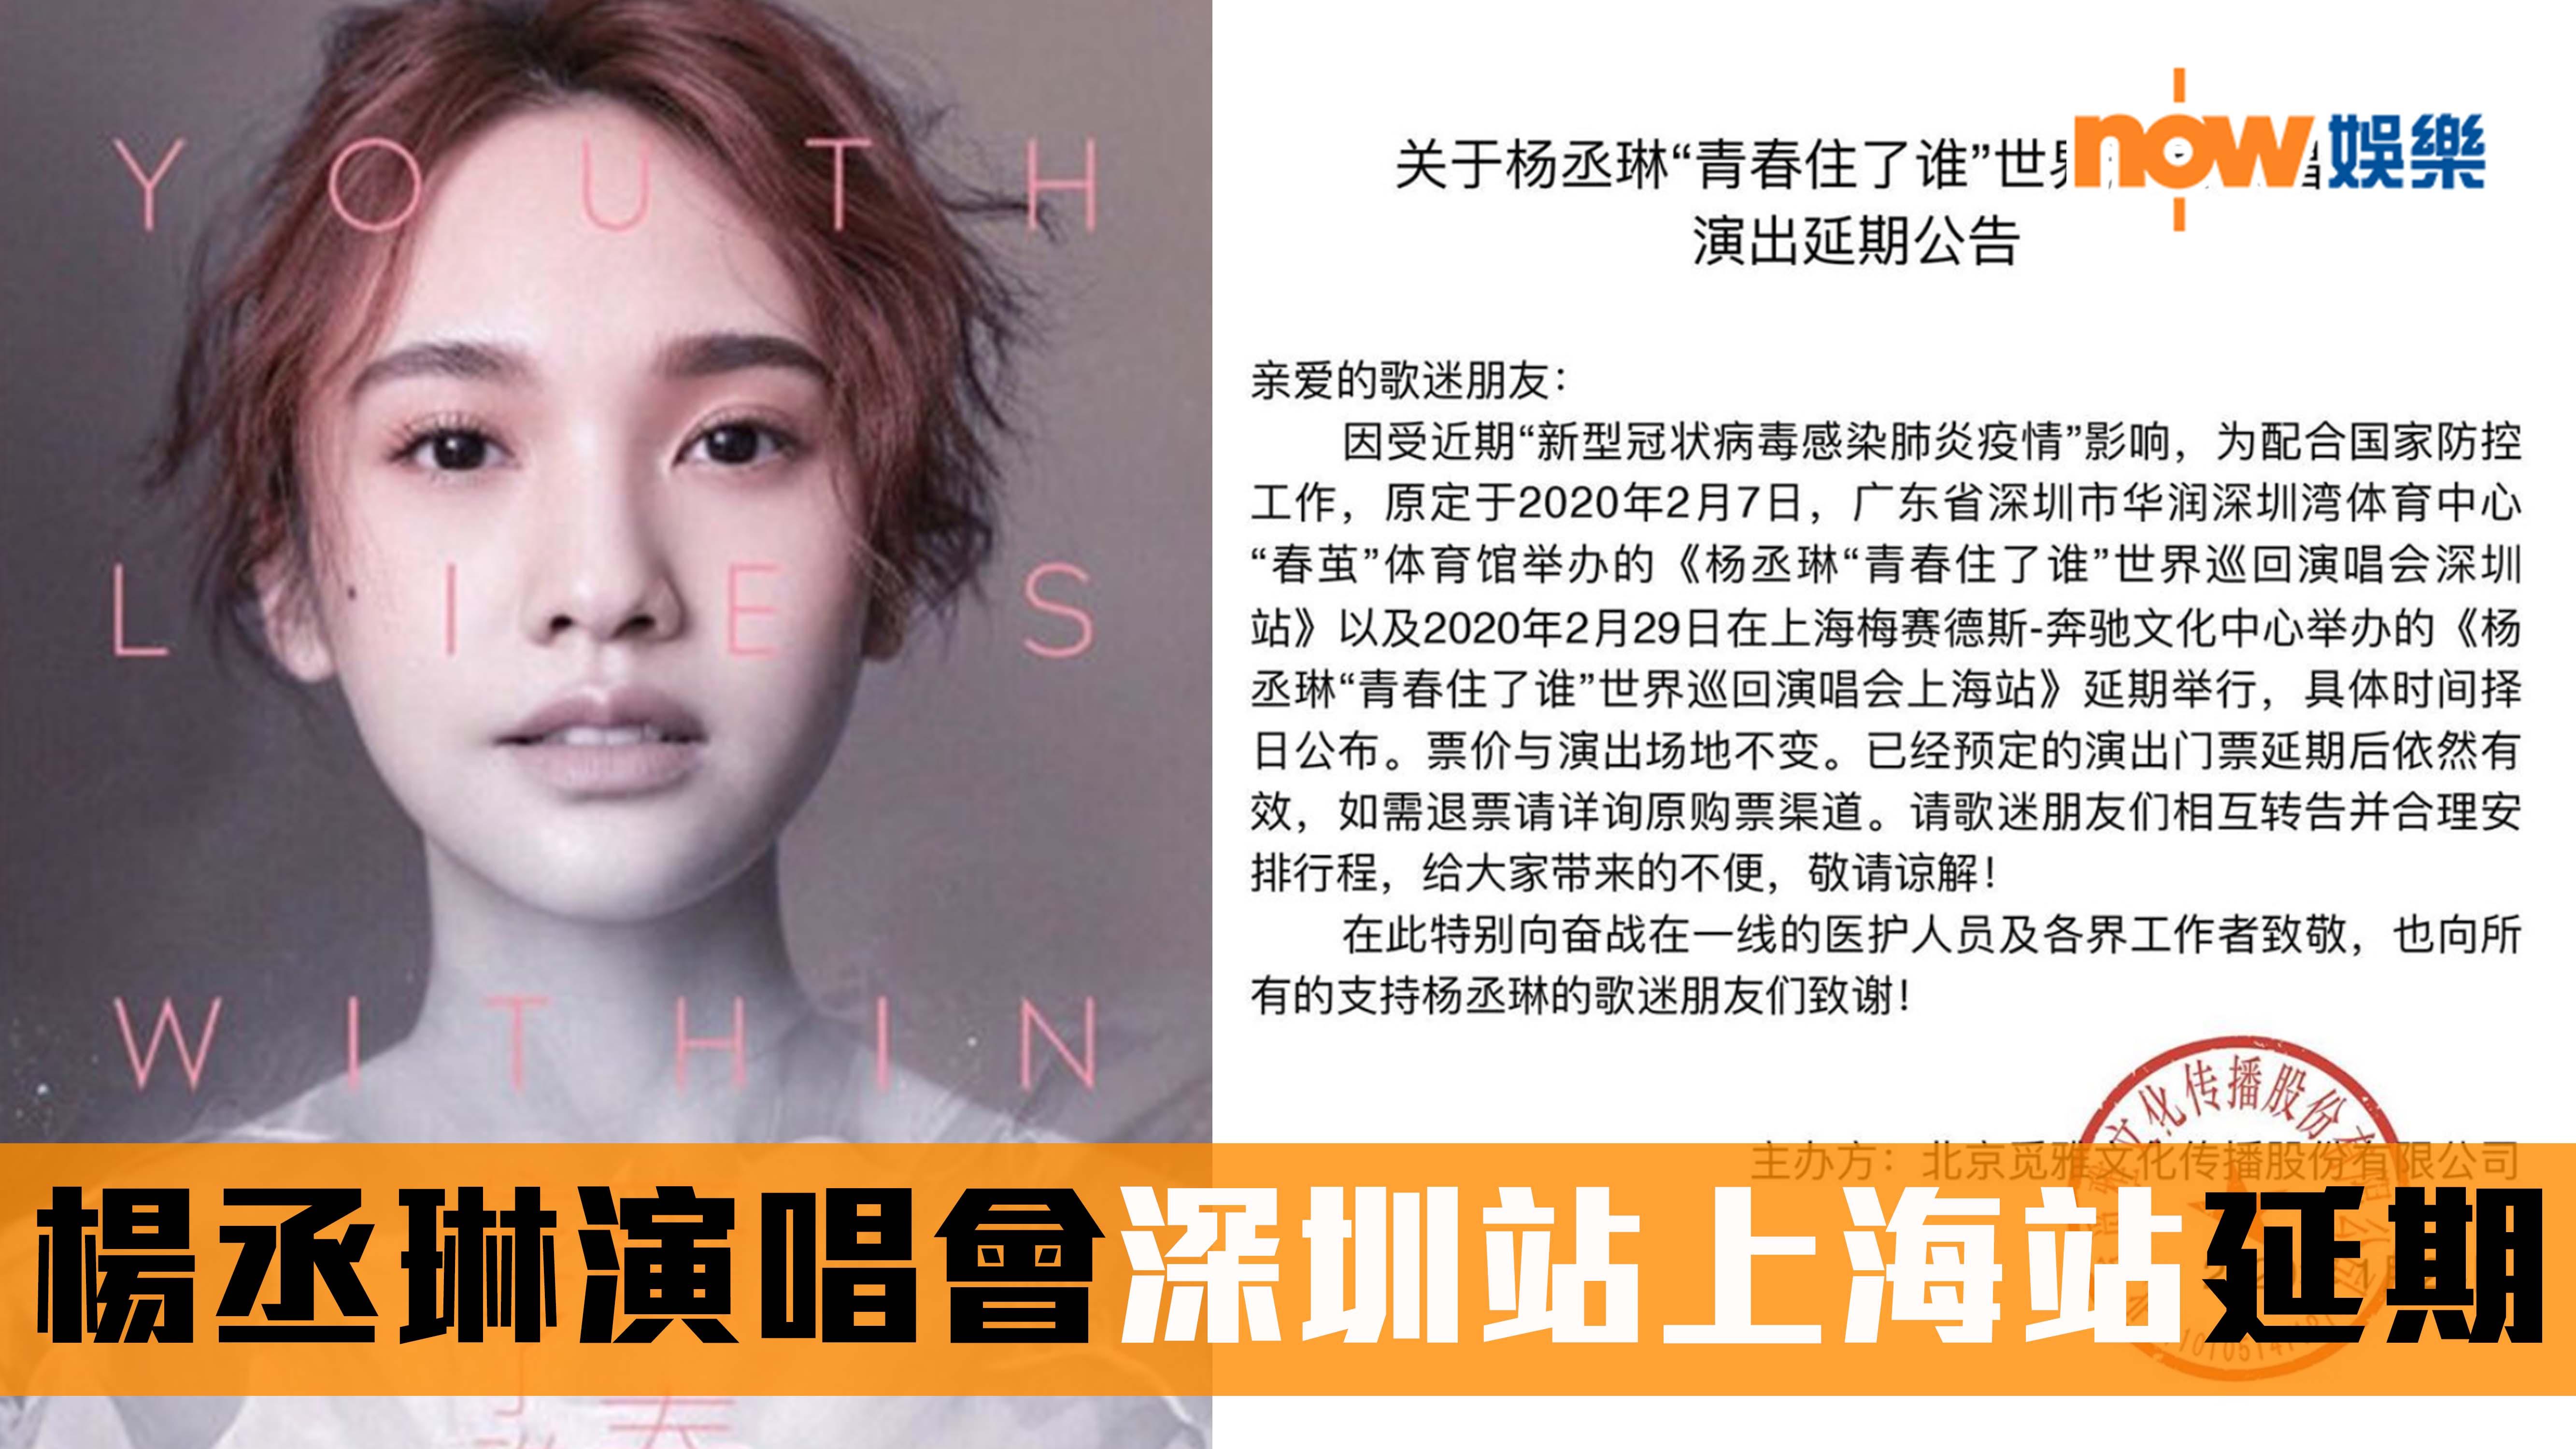 【武漢肺炎】楊丞琳巡迴演唱會 2月深圳站上海站宣布延期